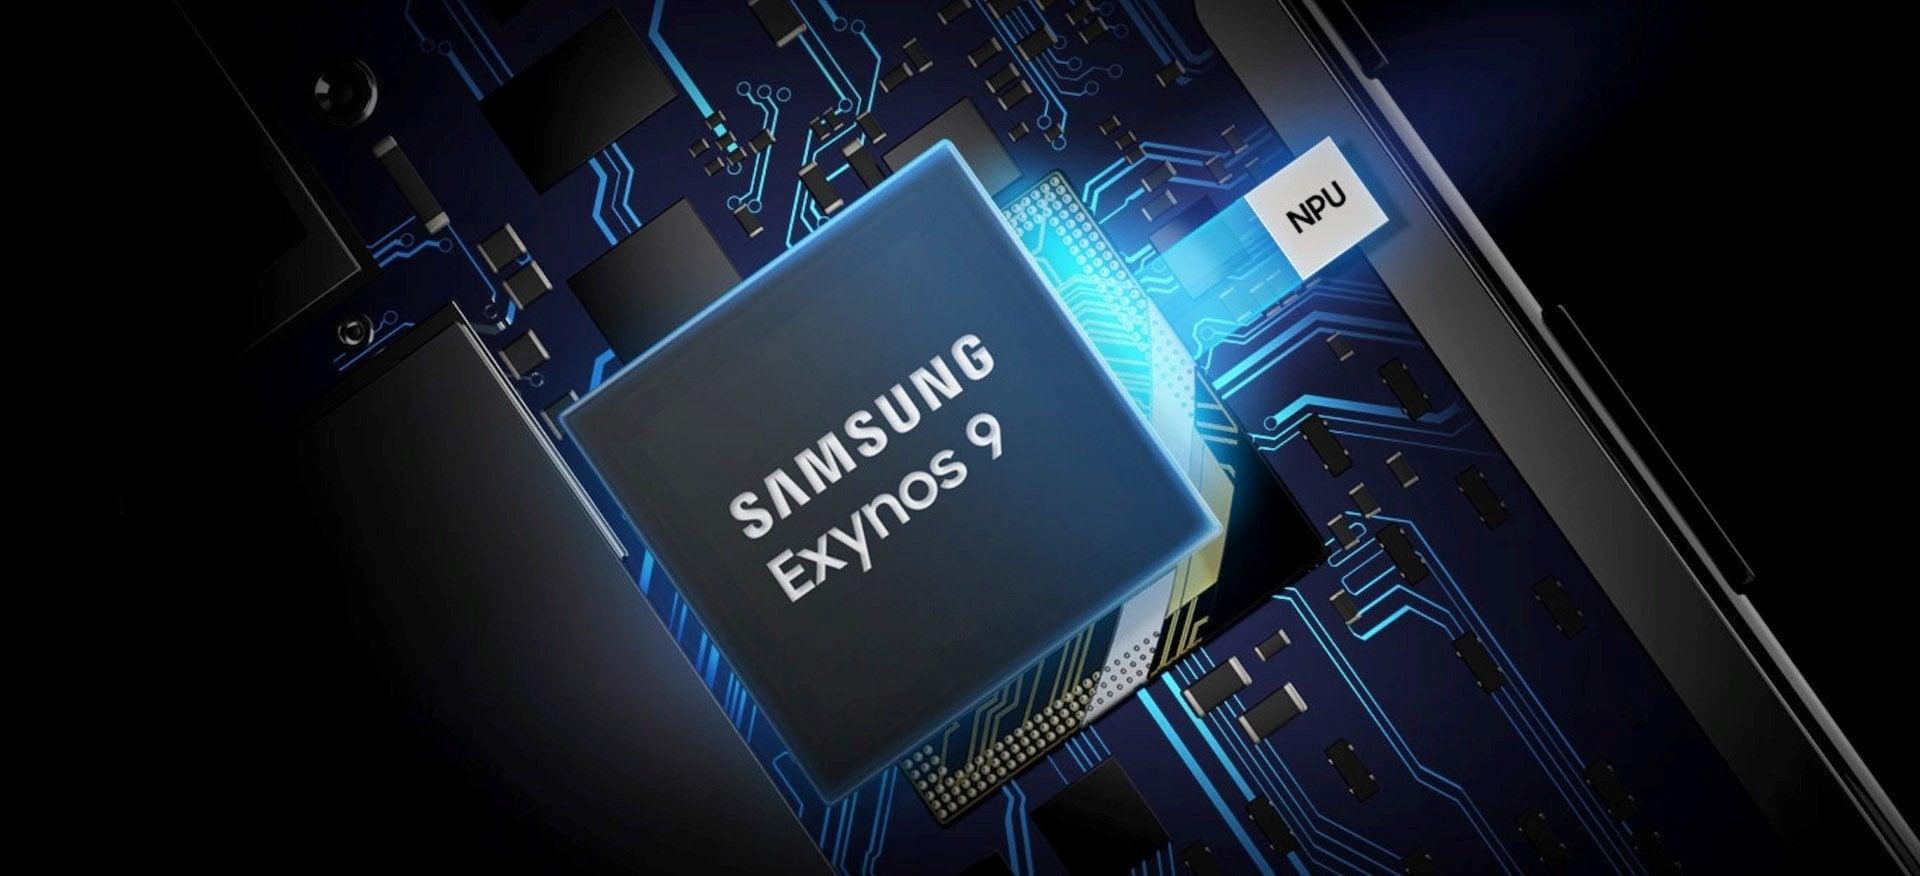 Exynos 9925 con grafica AMD è in lavorazione, ma i tempi di lancio fanno calare l'hype